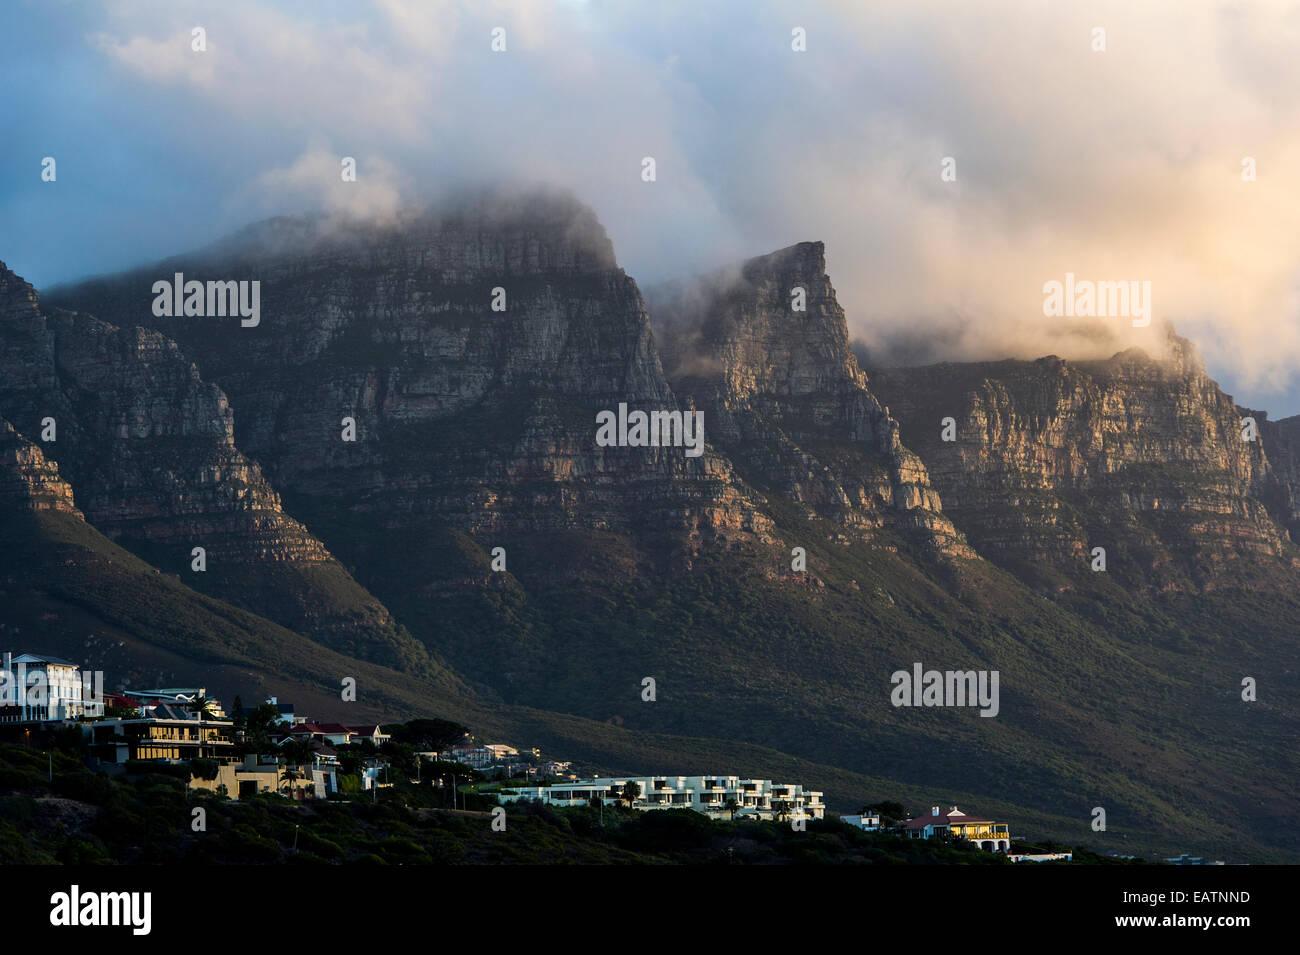 Suburban development on the slopes of a rugged coastal mountain range. - Stock Image